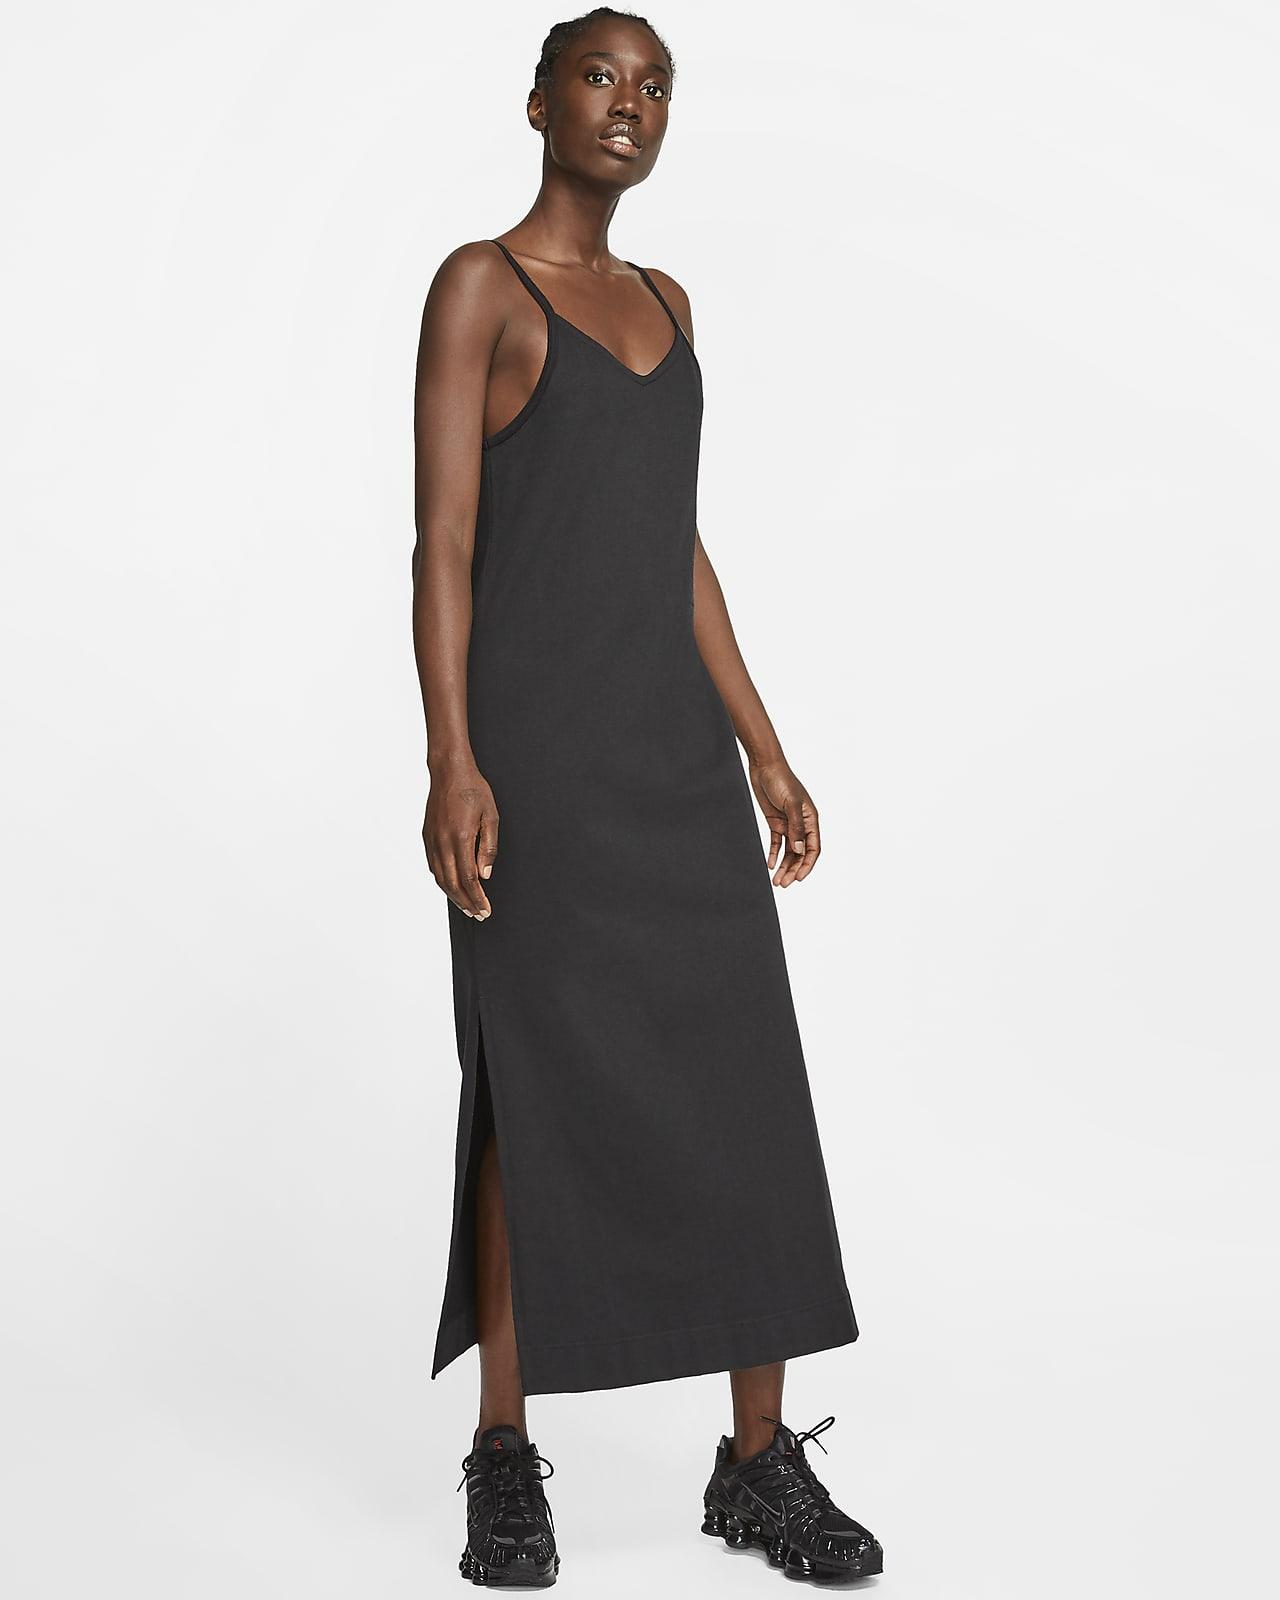 Nike Sportswear Women's Jersey Dress